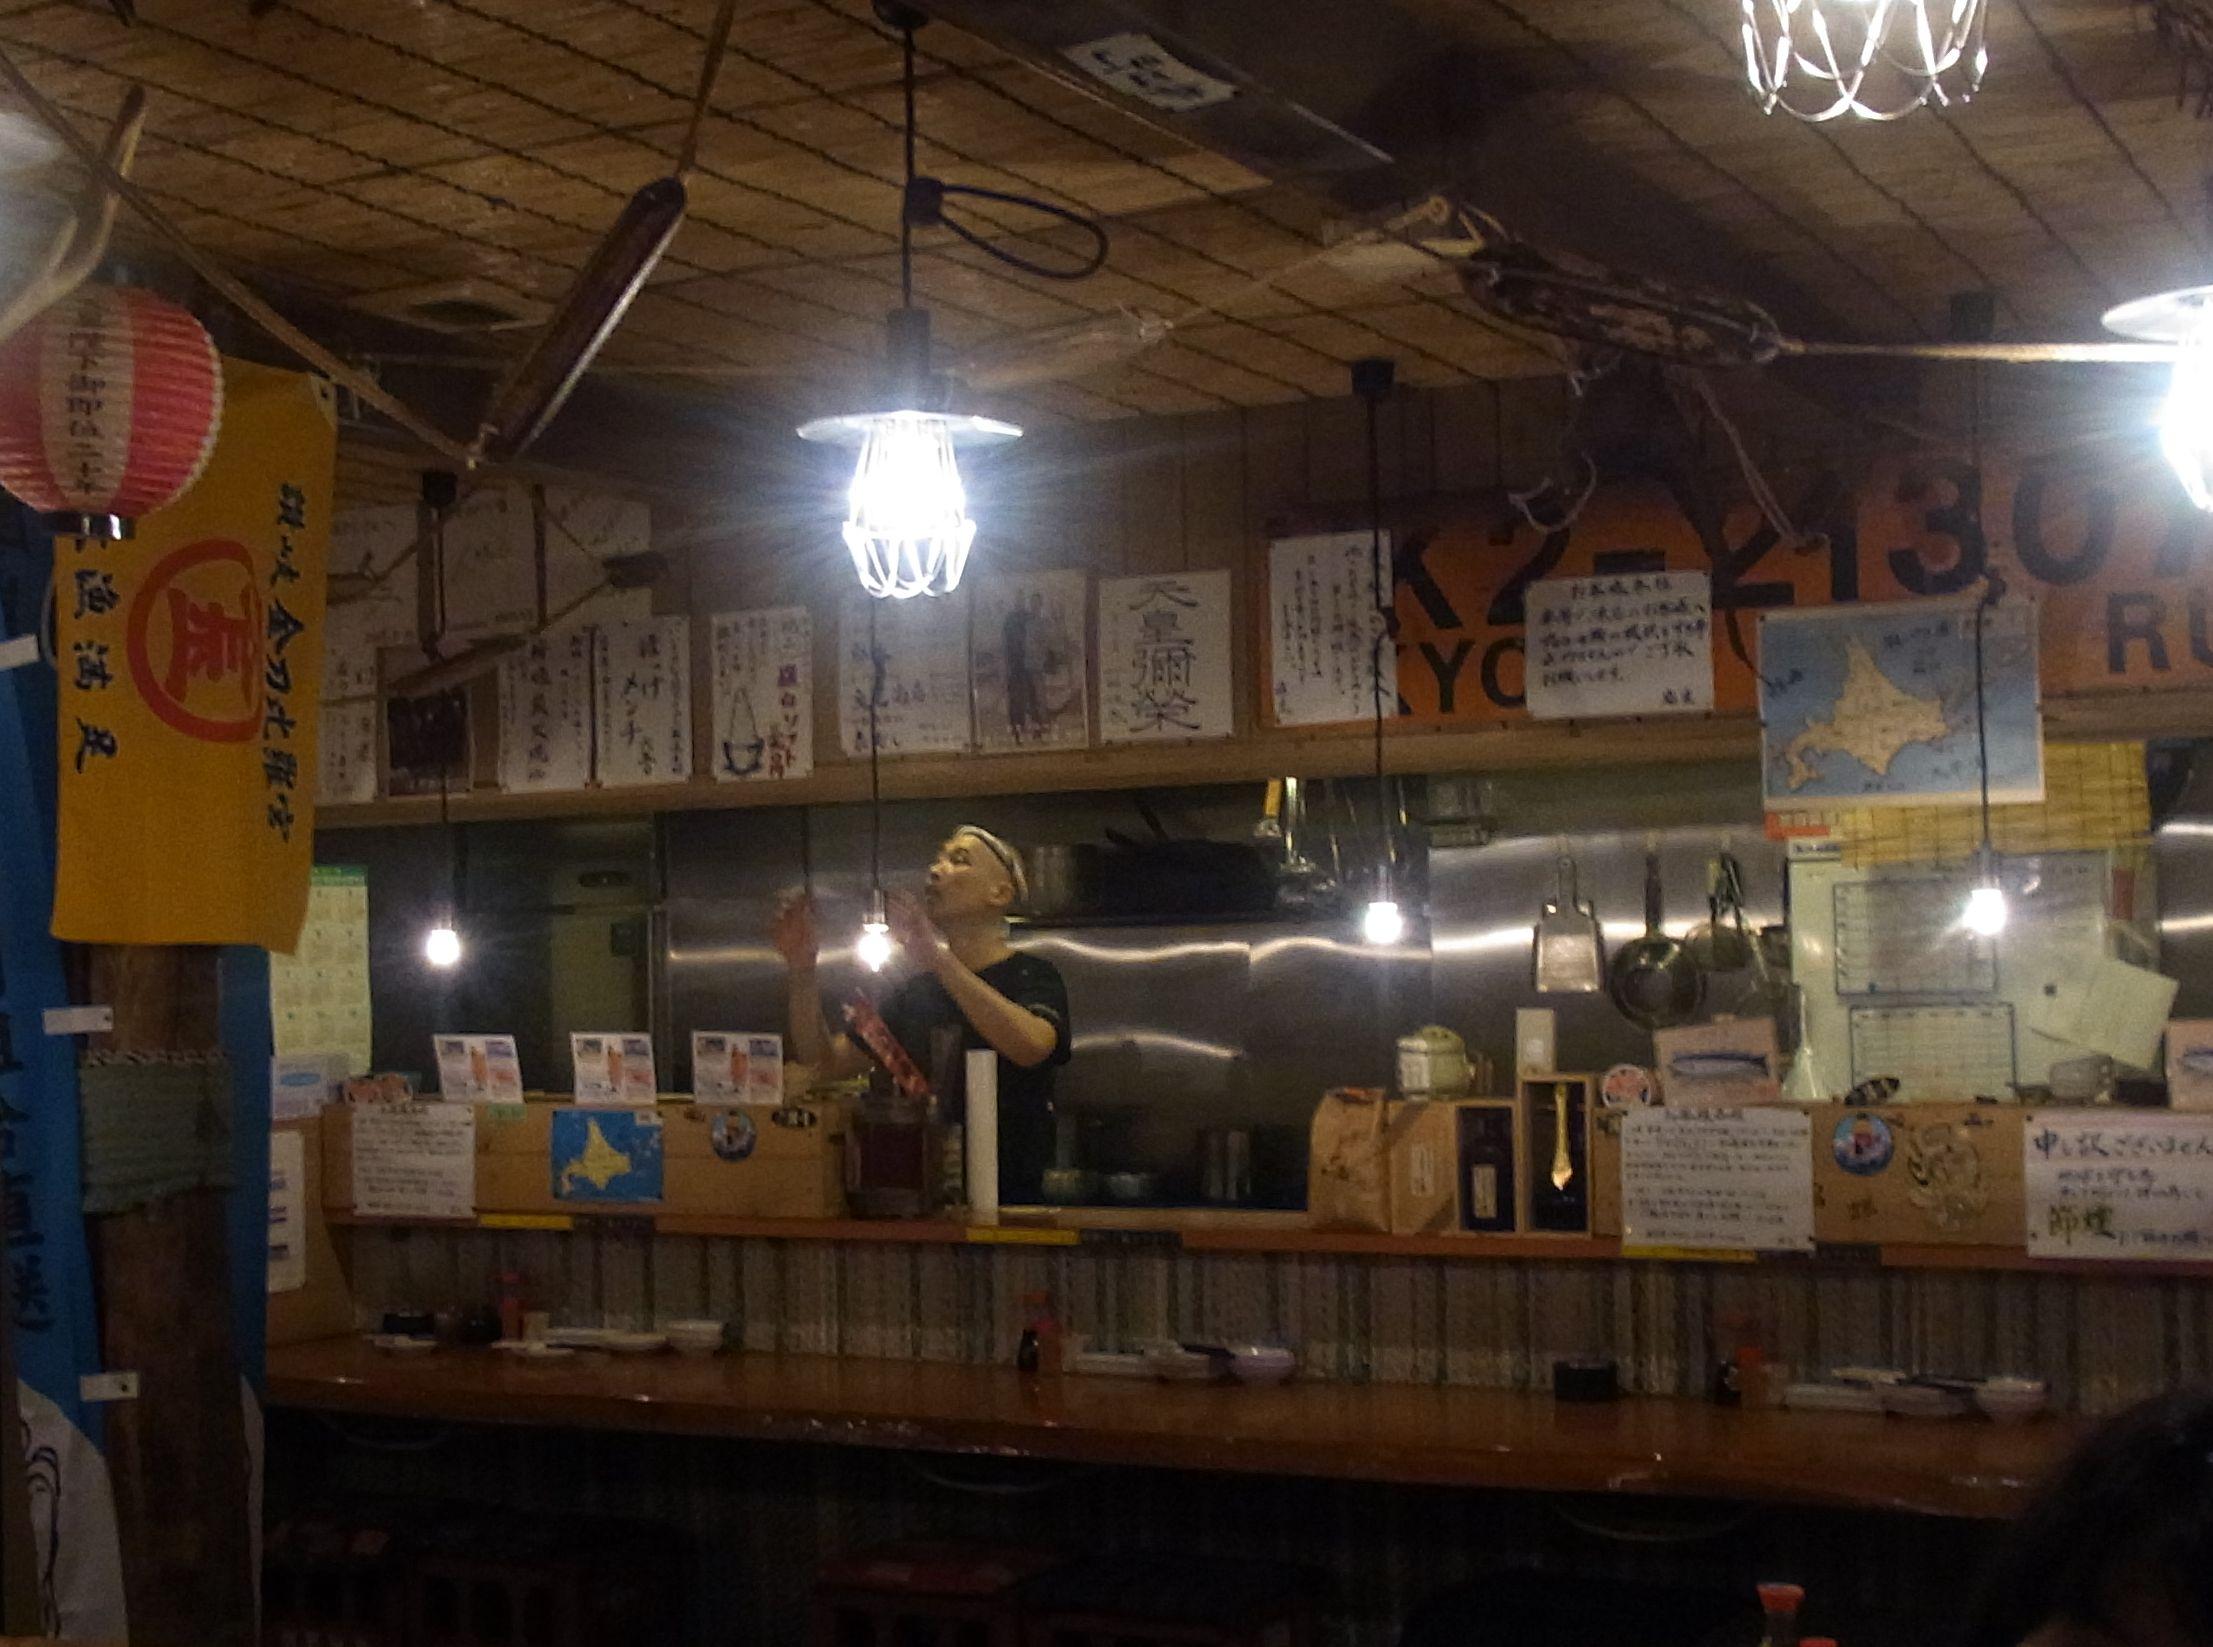 昨夜のお店、今日の夕日とビール_c0025115_1953185.jpg